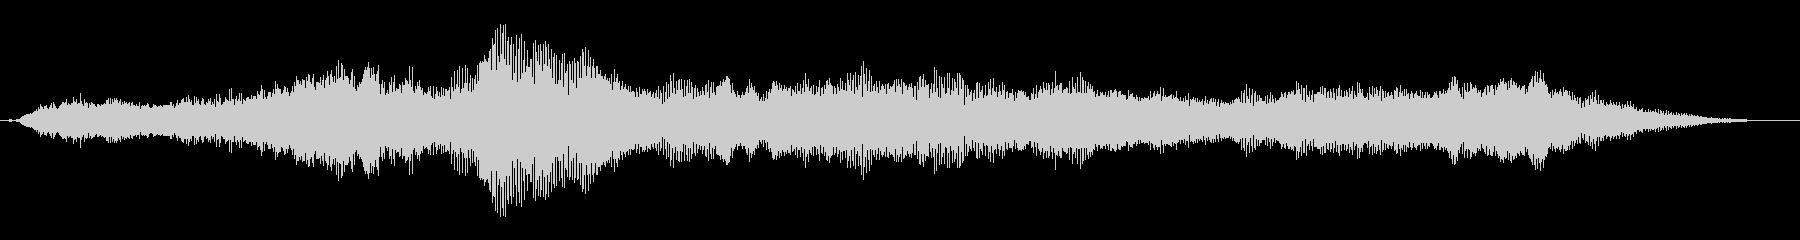 トランジション パッドスイープシズル03の未再生の波形